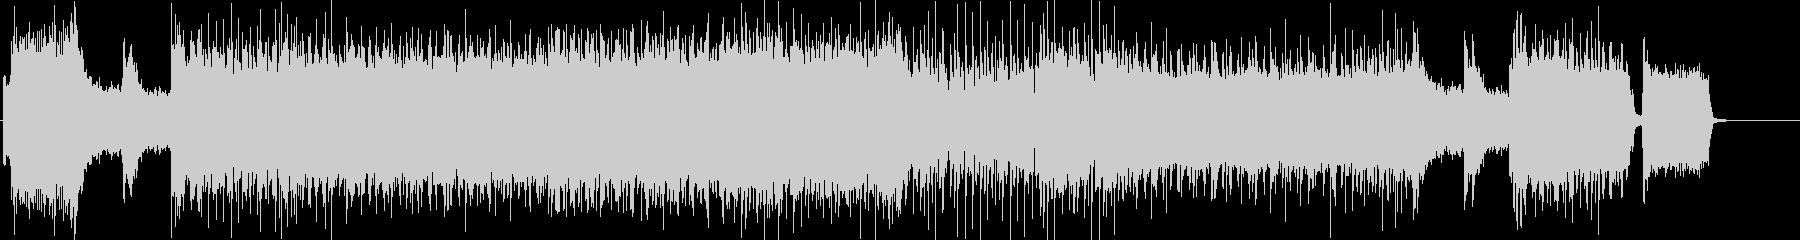 激しいギターソロのロックBGMの未再生の波形